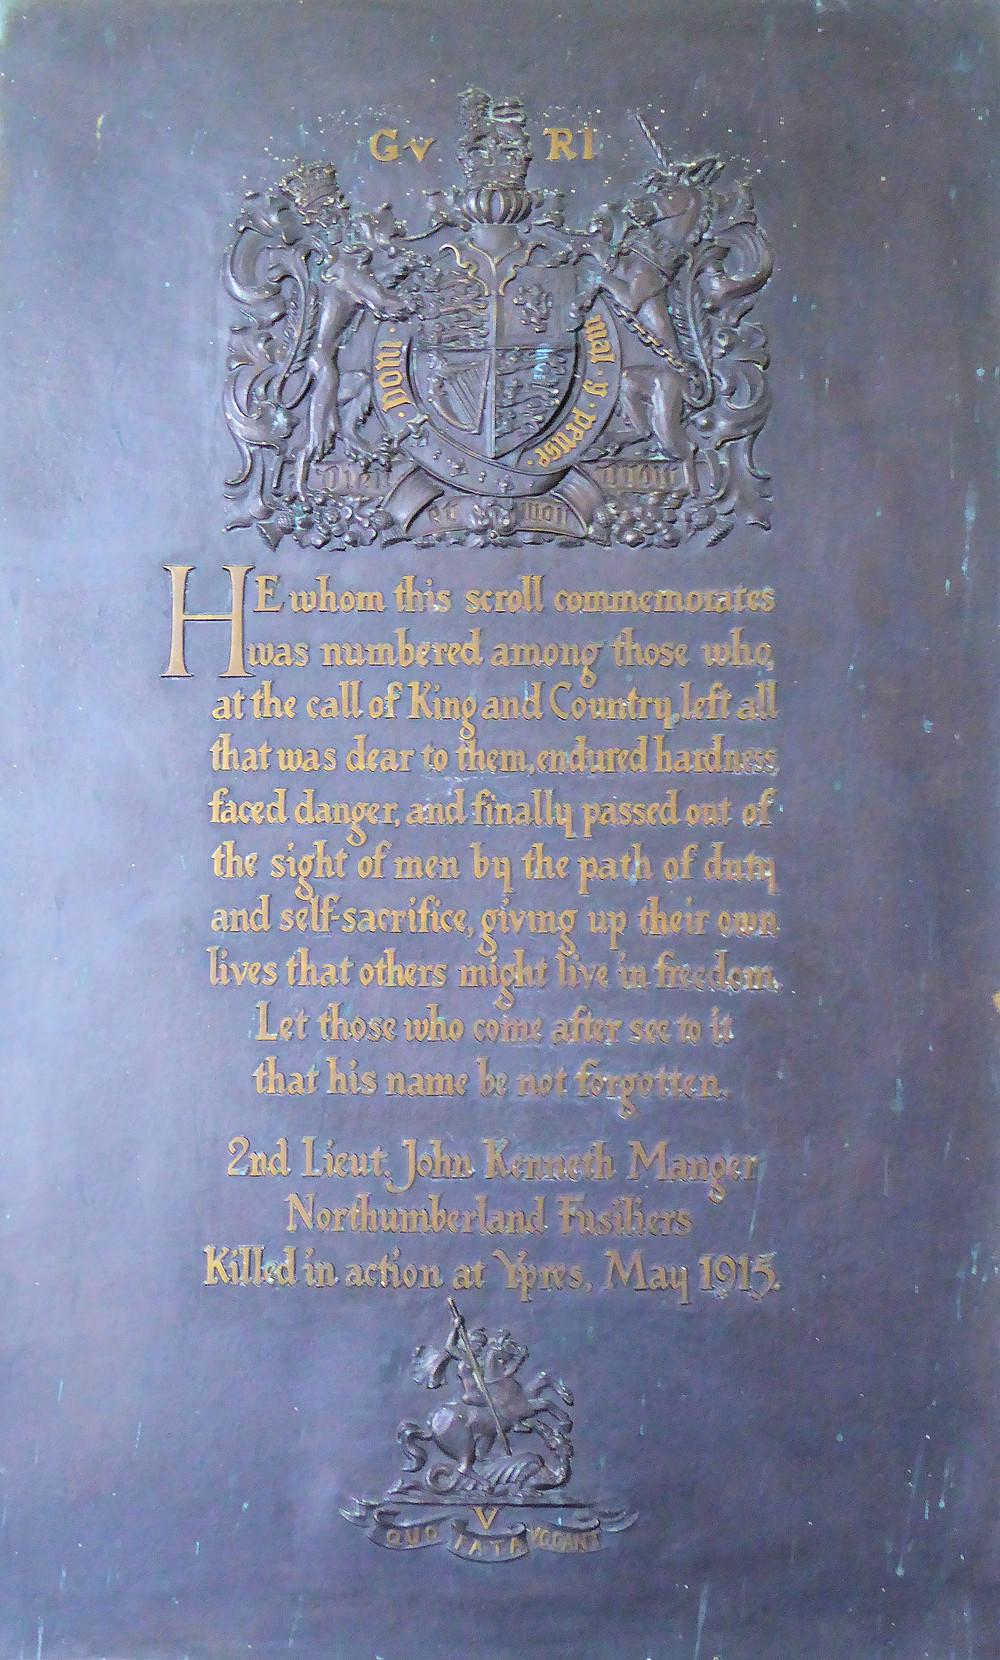 Memorial to 2nd Lt. John Kenneth Manger